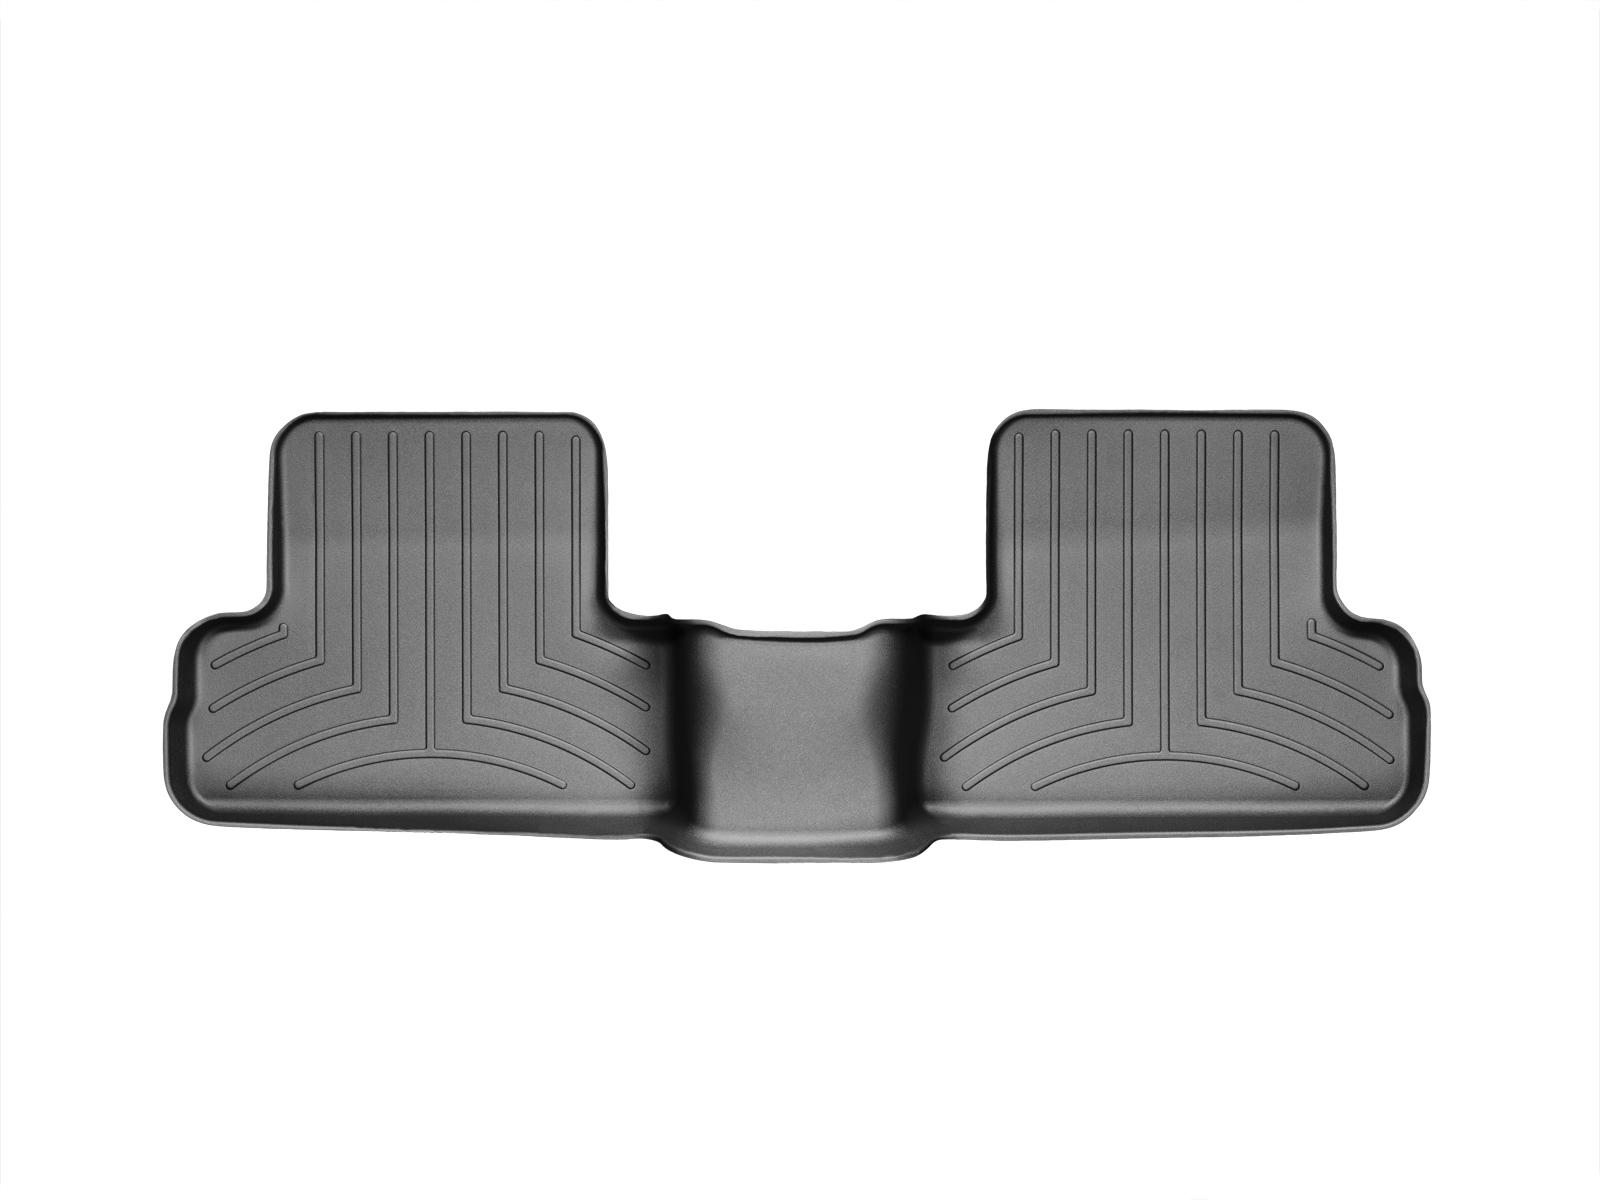 Tappeti gomma su misura bordo alto Nissan X-Trail 07>07 Nero A2924